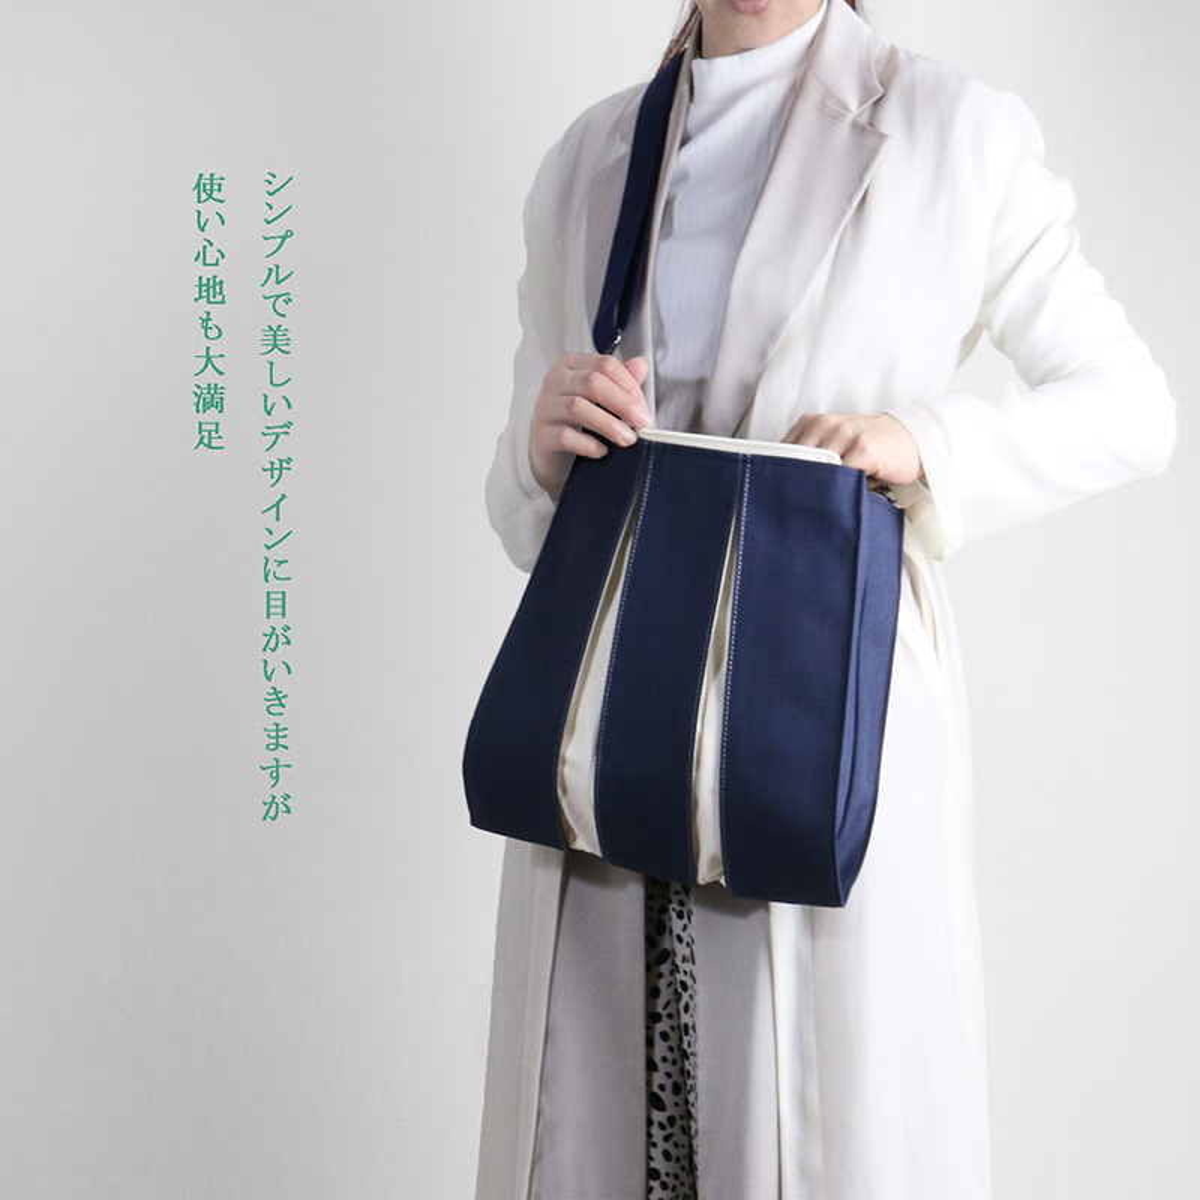 KOSHO ougi 帆布 ショルダーバッグ